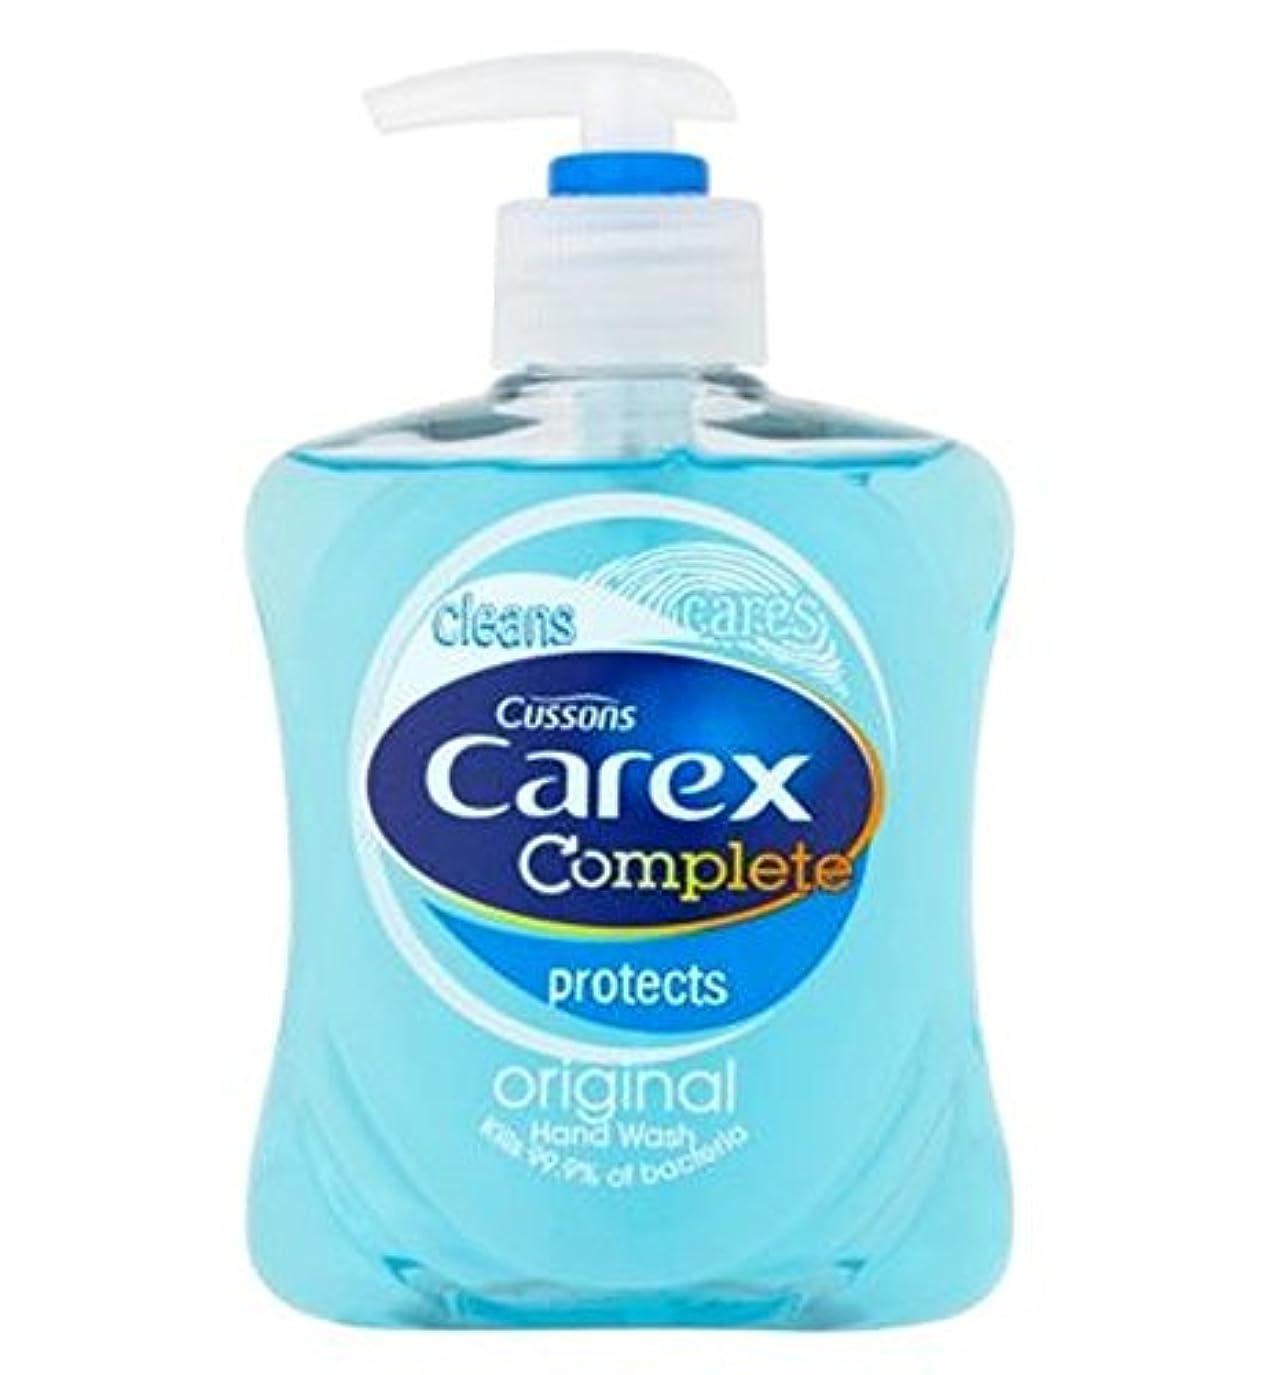 本質的ではない翻訳する挑発するCarex Complete Original Hand Wash 250ml - スゲ属の完全オリジナルのハンドウォッシュ250ミリリットル (Carex) [並行輸入品]